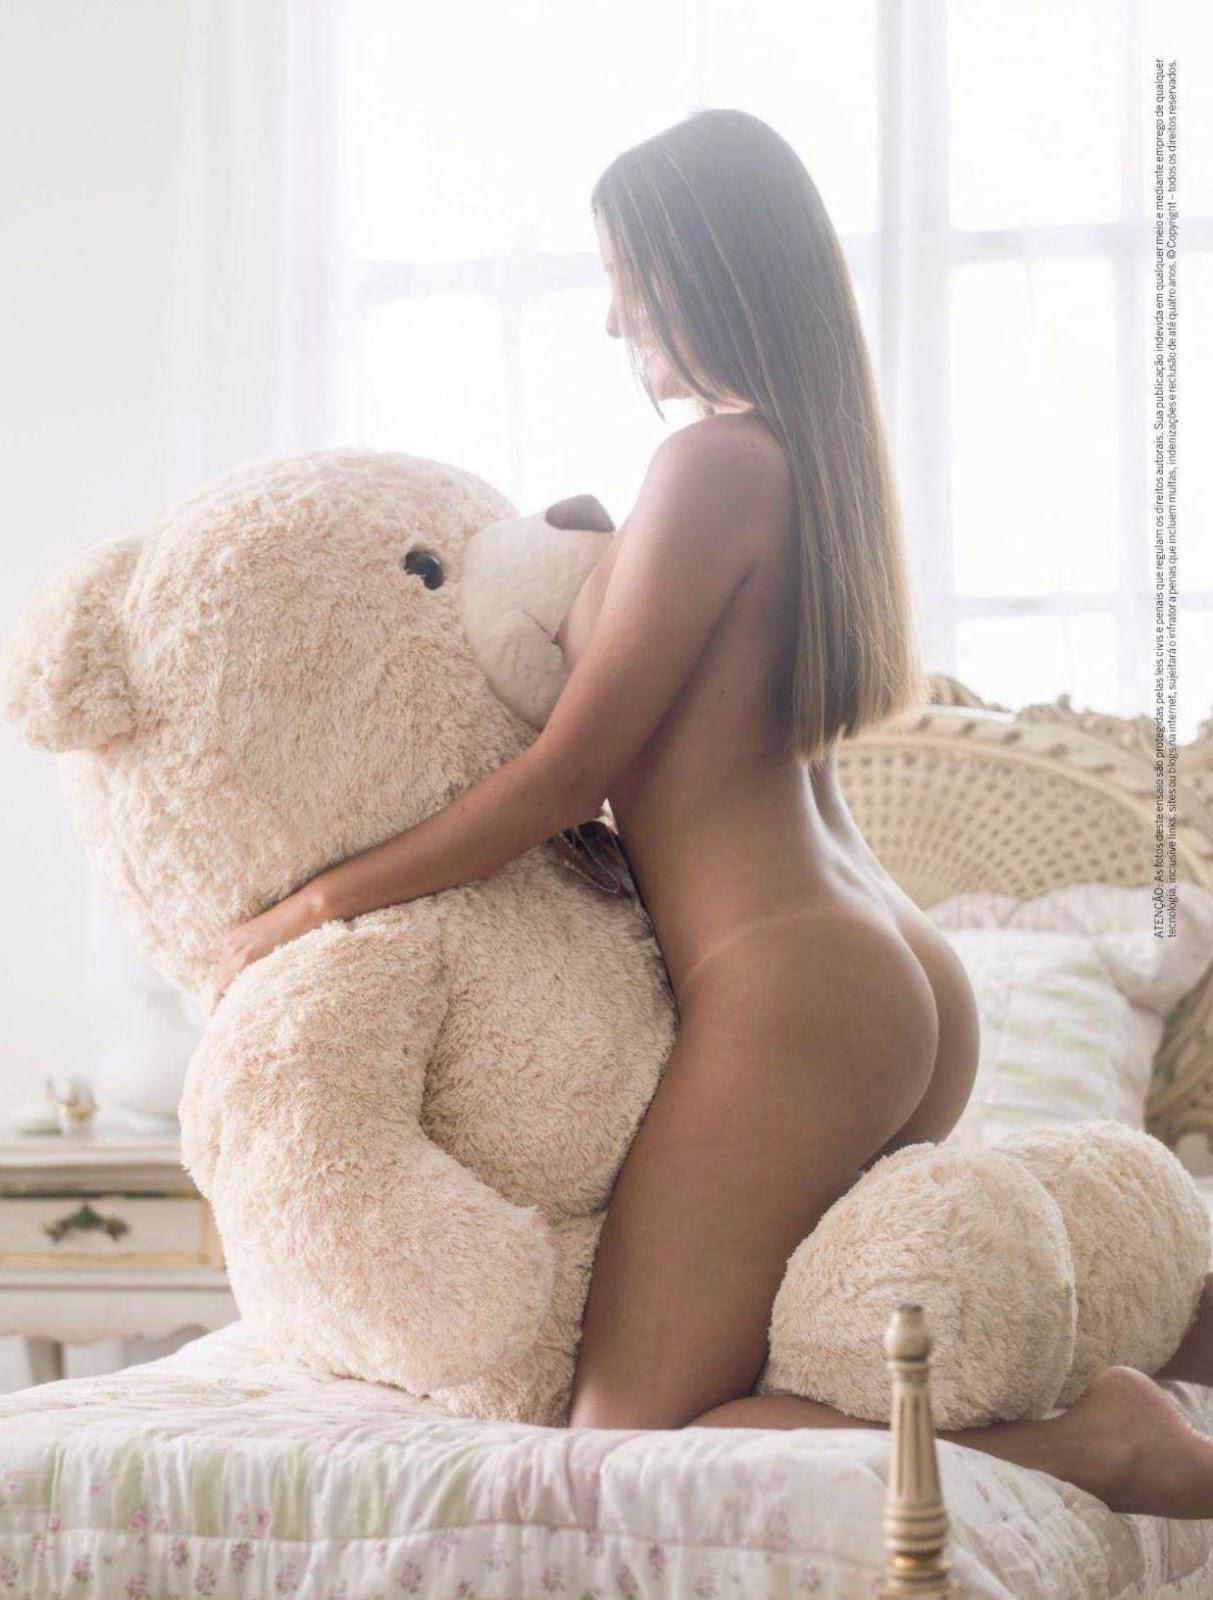 Que Leiloou A Virgindade Posa Ar Inocente Em Foto Da Playboy